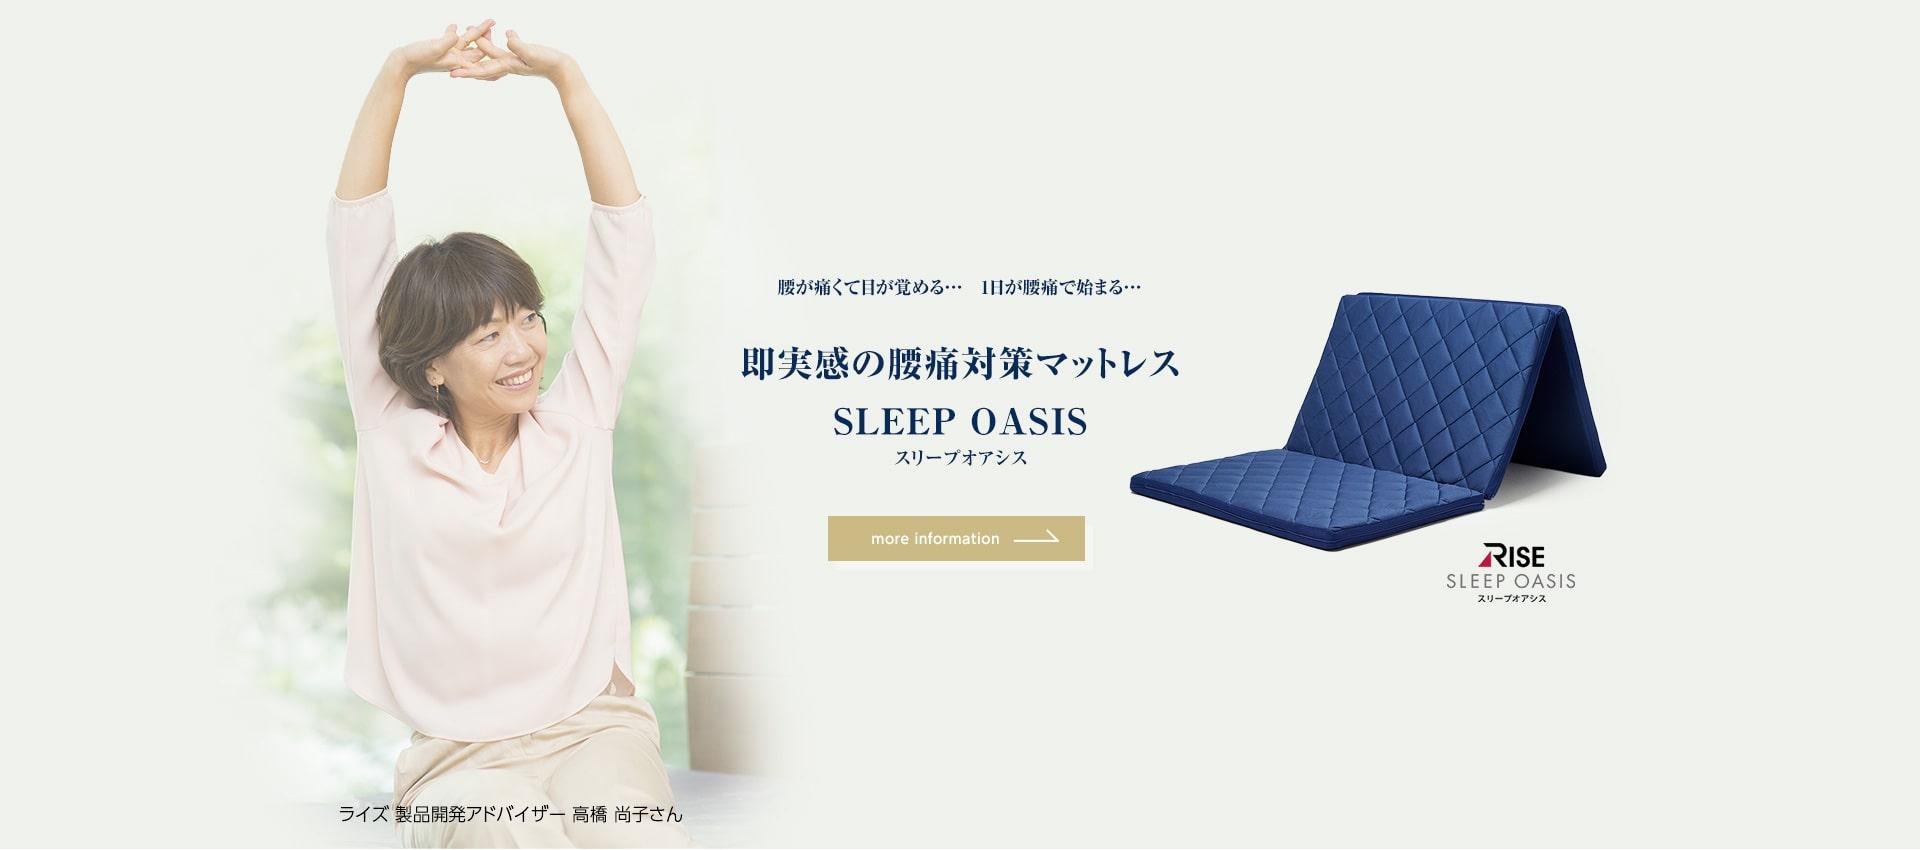 即実感の腰痛対策マットレス SLEEP OASIS スリープオアシス